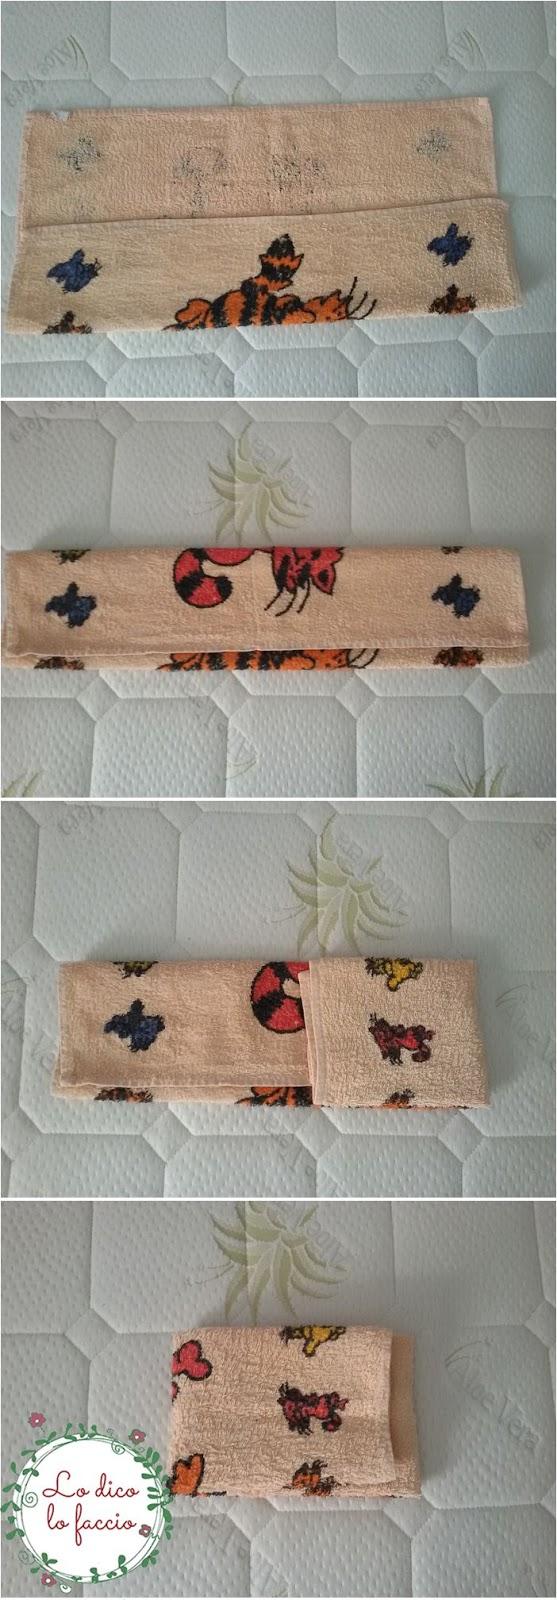 come piegare asciugamani in valigia